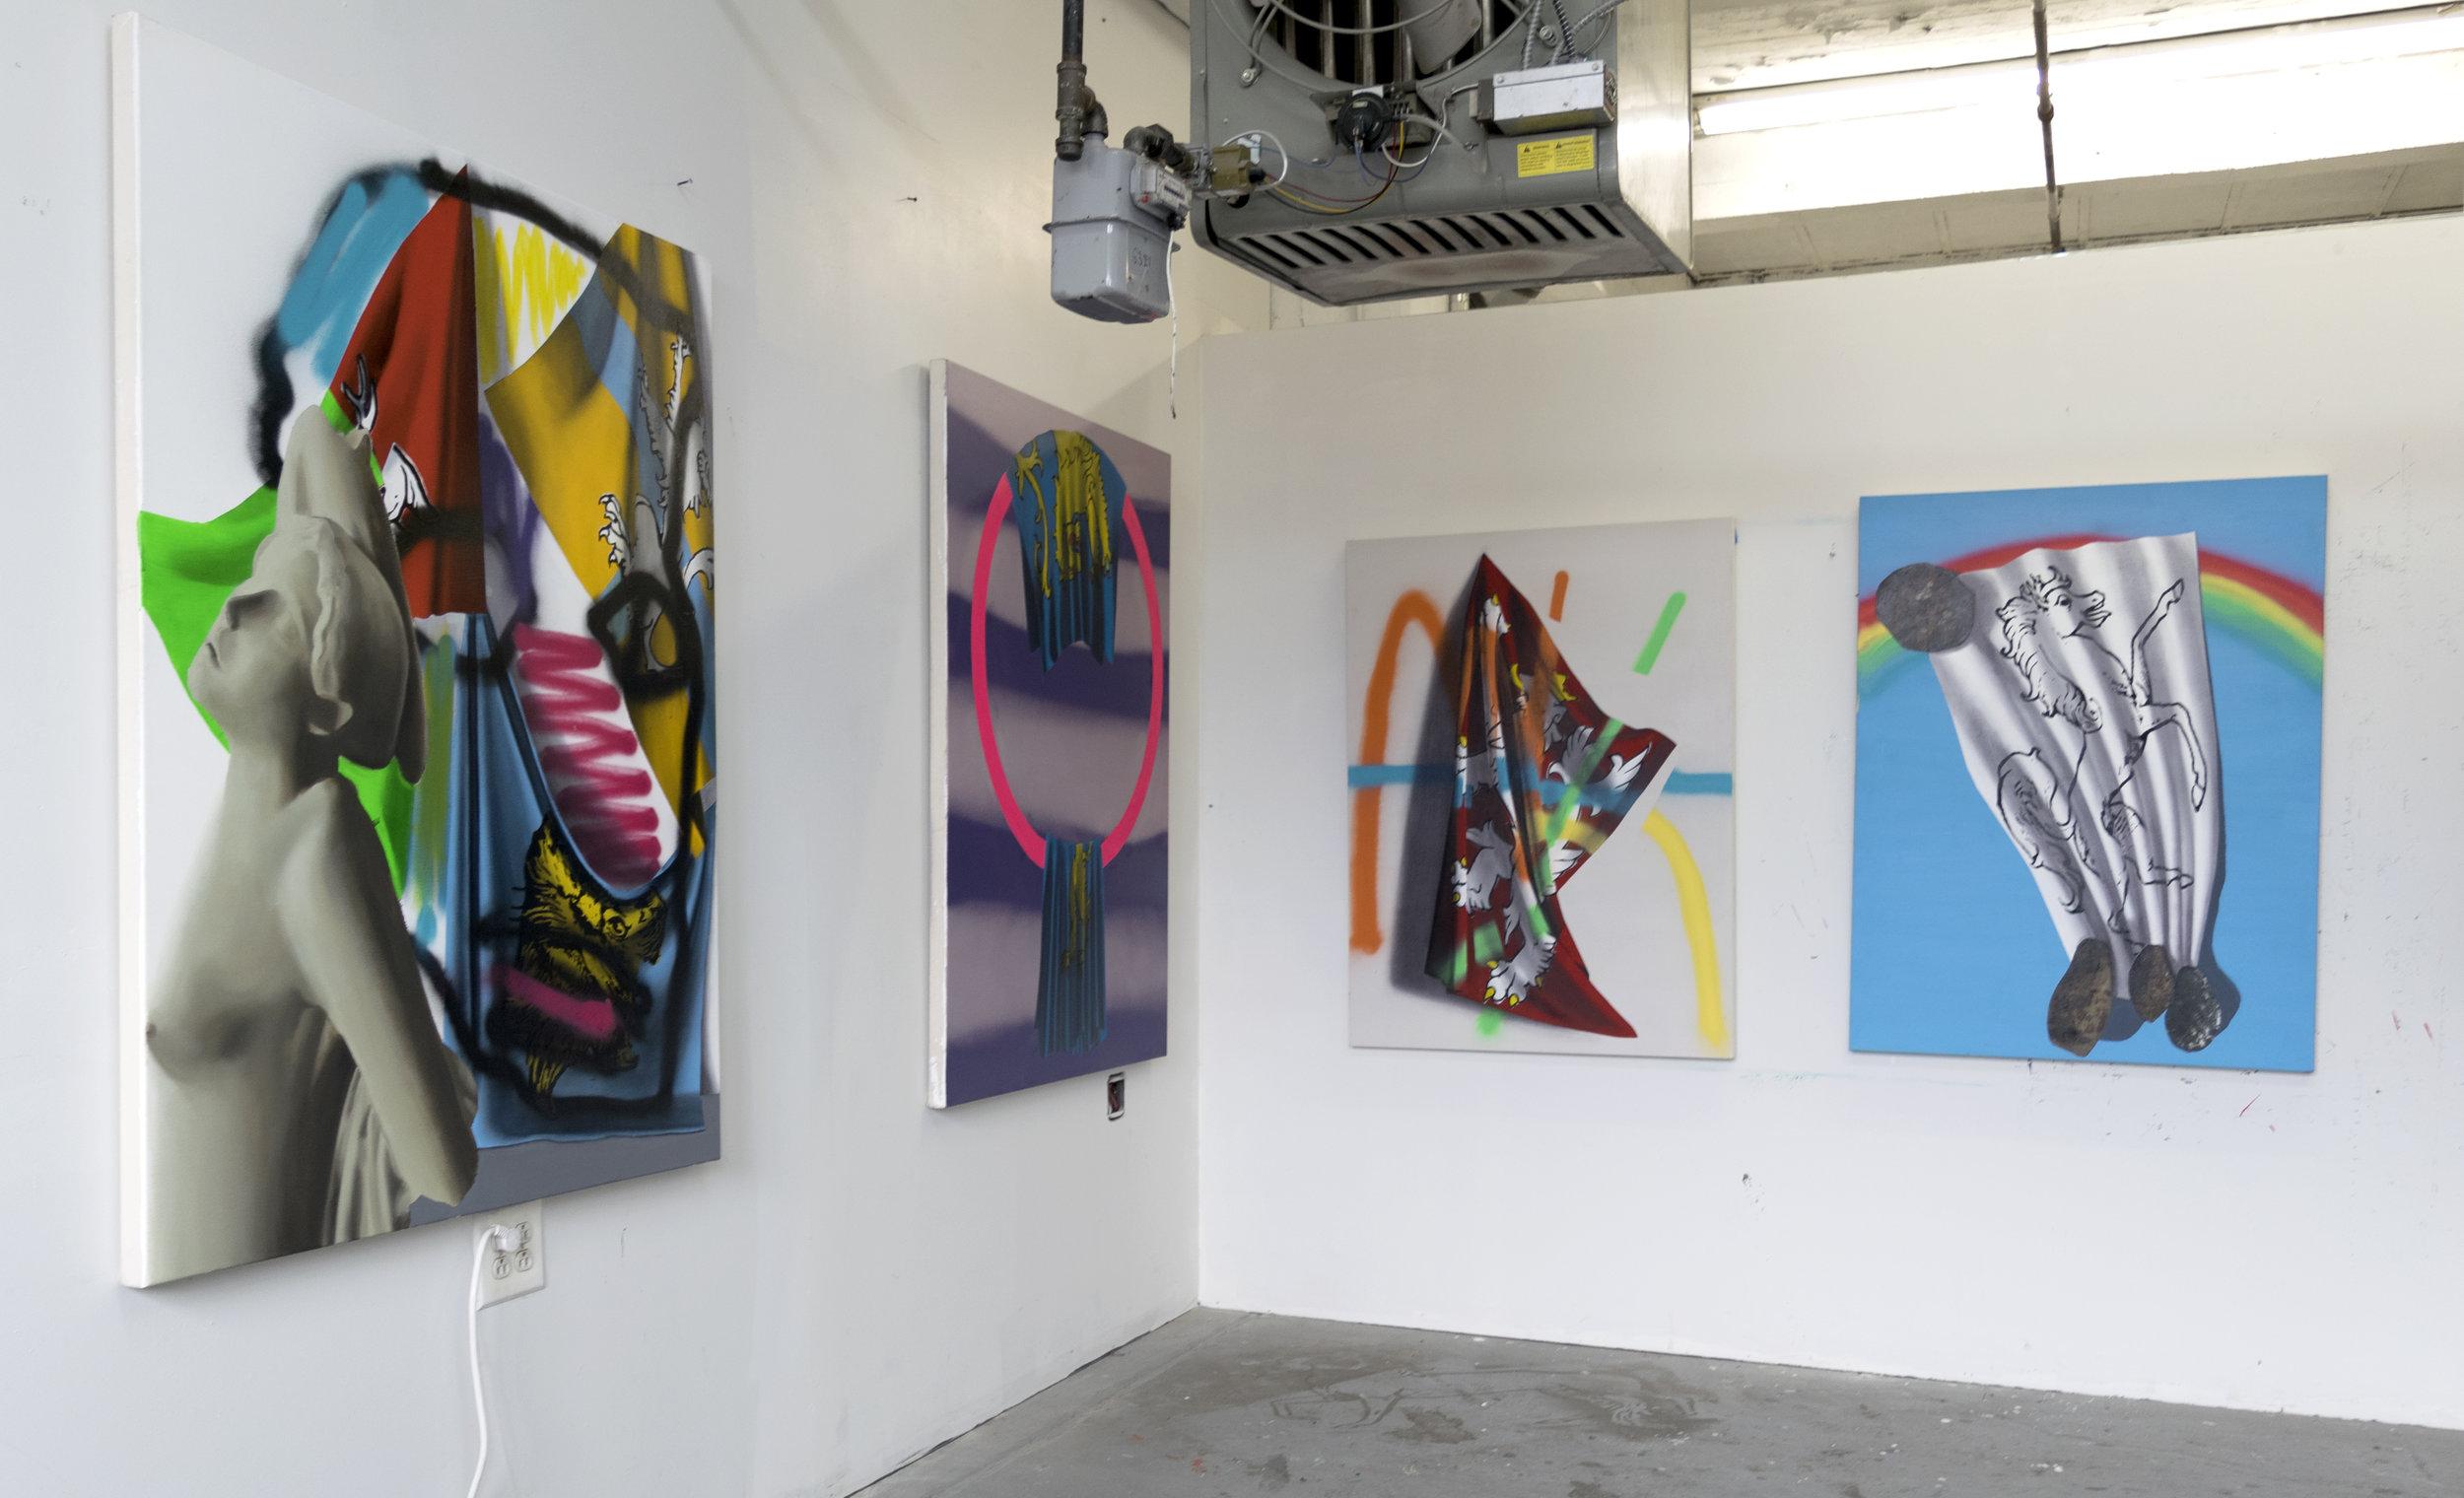 Image of Ben-Simon's studio